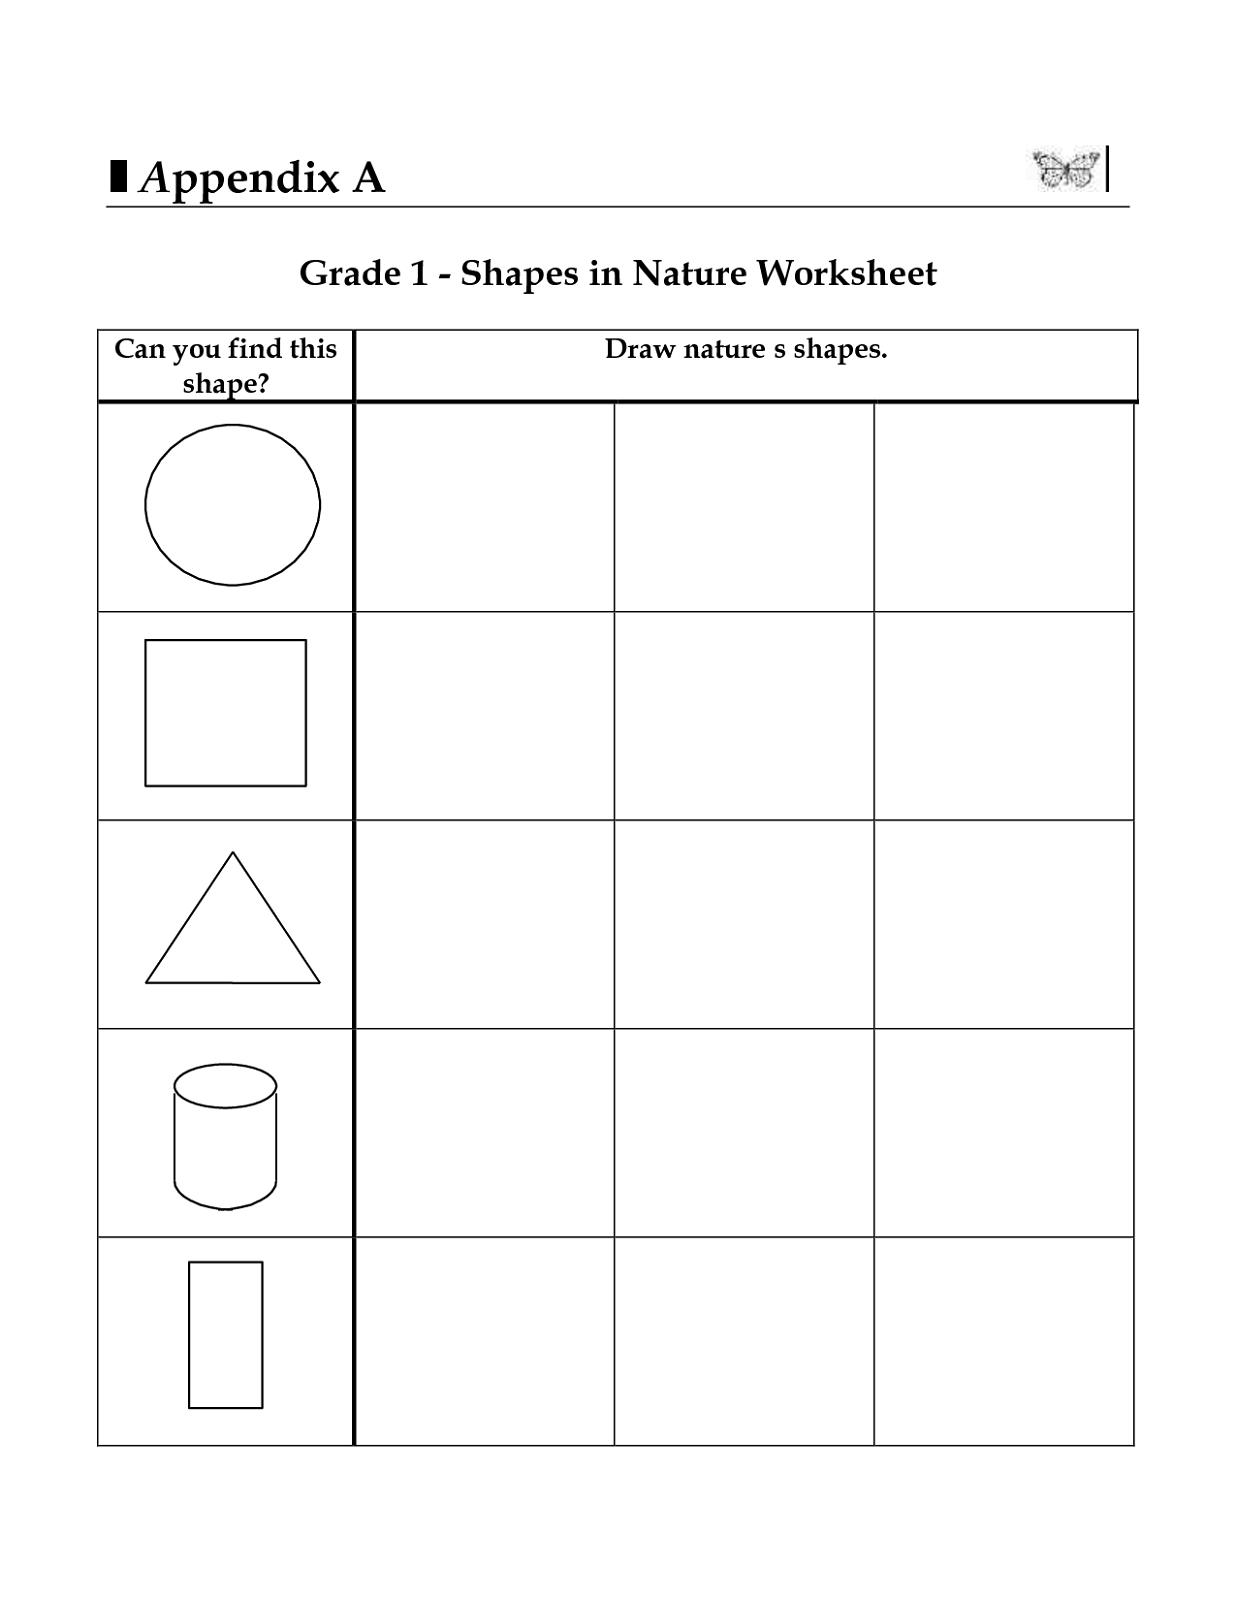 1st Grade Shapes Worksheets For Printable 1st Grade